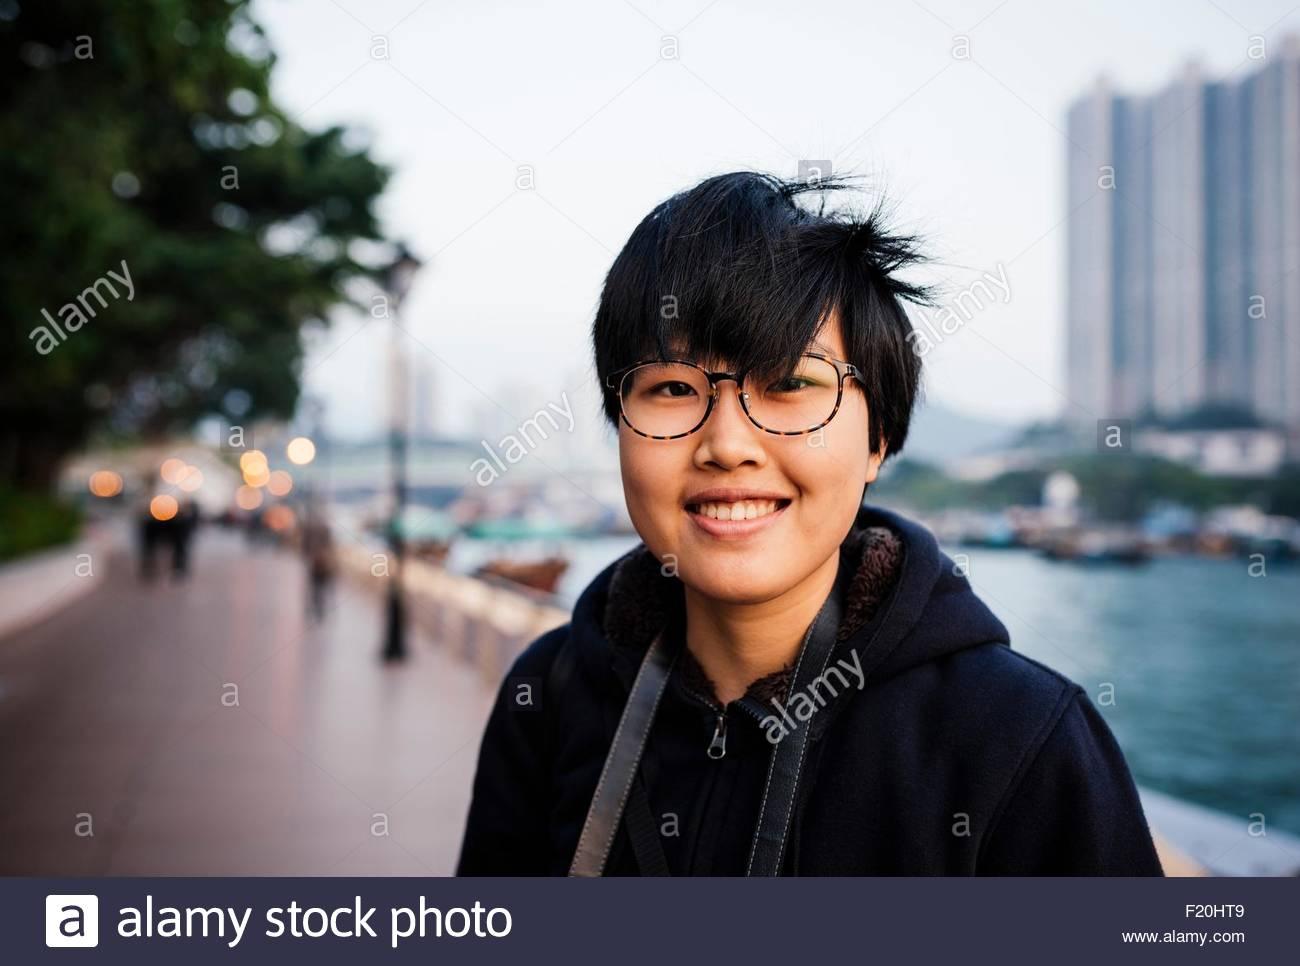 Retrato de meados de mulher adulta com cabelo curto usando óculos, na frente de água, olhando para a câmara Imagens de Stock